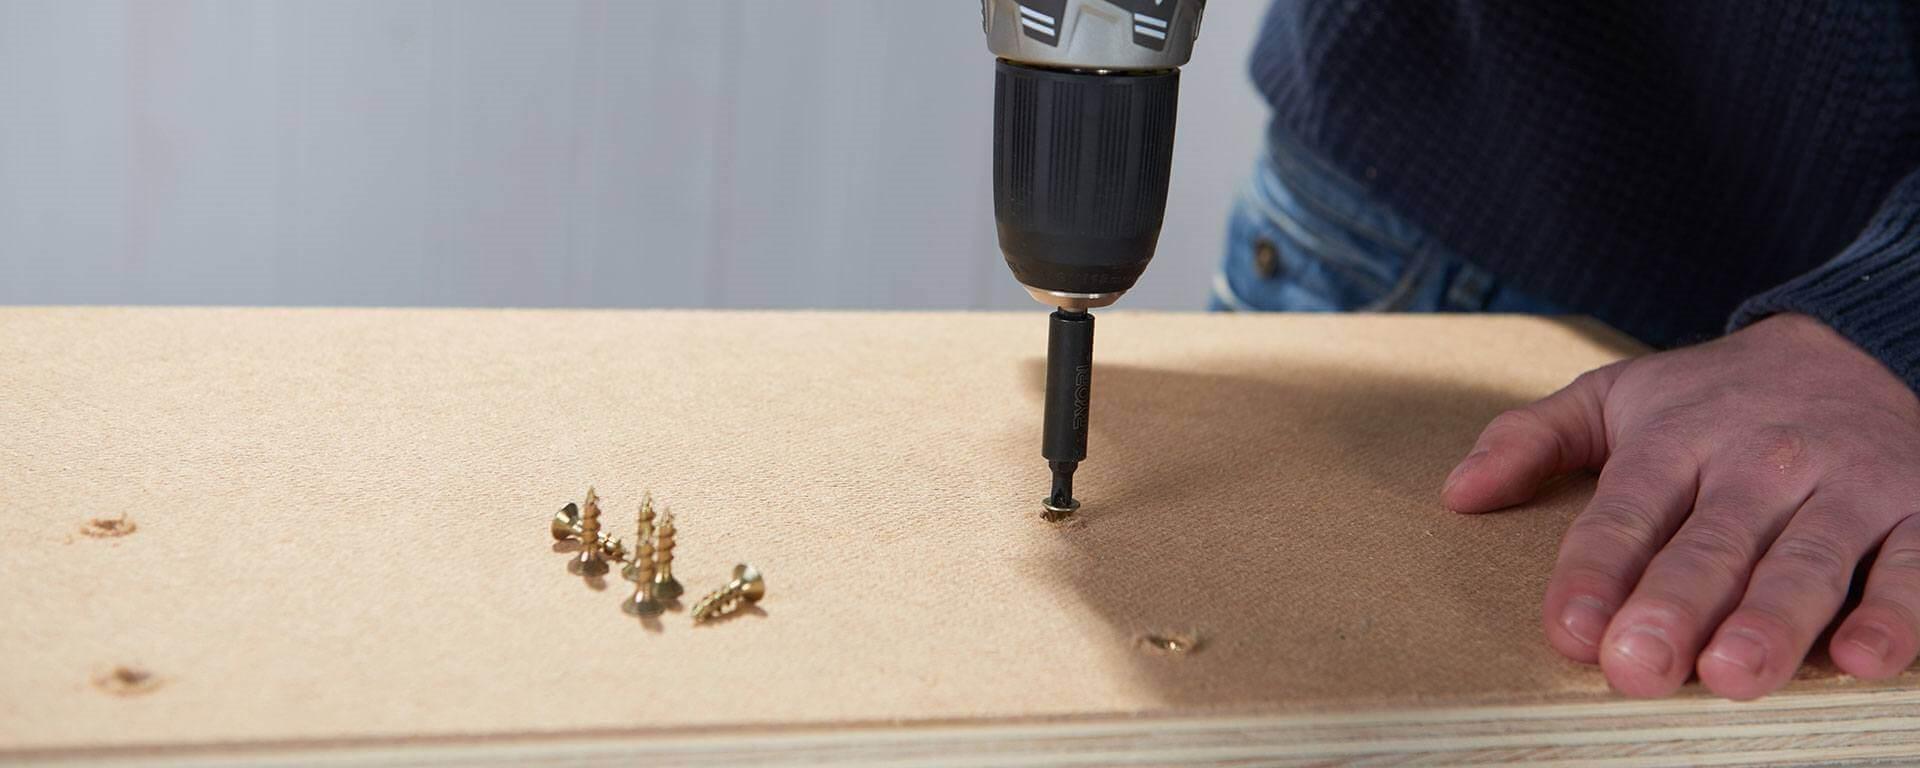 fabriquer un guide de coupe pour sa scie circulaire r aliser des coupes droites. Black Bedroom Furniture Sets. Home Design Ideas